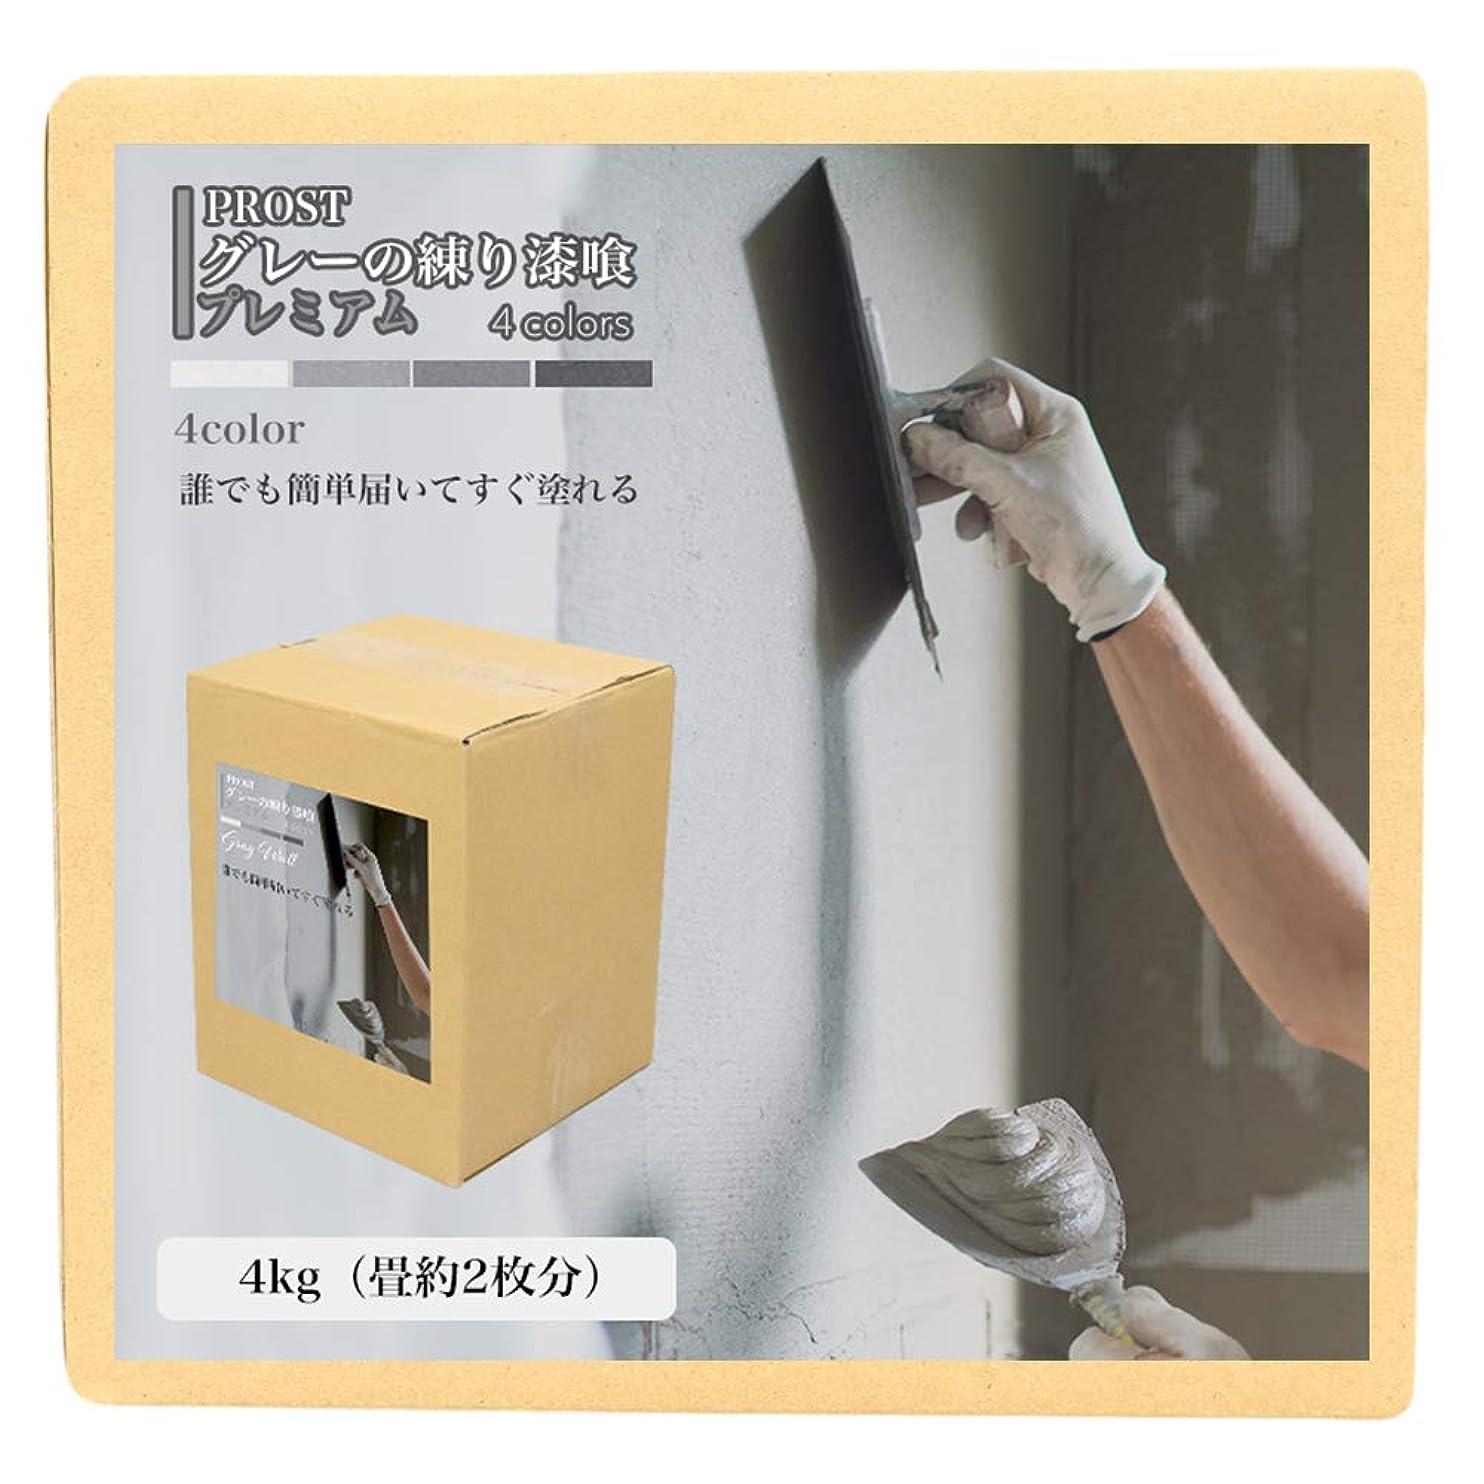 アマゾンジャングルチェス体操選手簡単!グレーの練り漆喰プレミアム 全4色 ダークグレー 4kg(畳2枚分 3.3m2)/PROST 練済み漆喰 日本製 左官 塗り壁 漆喰 ペイント